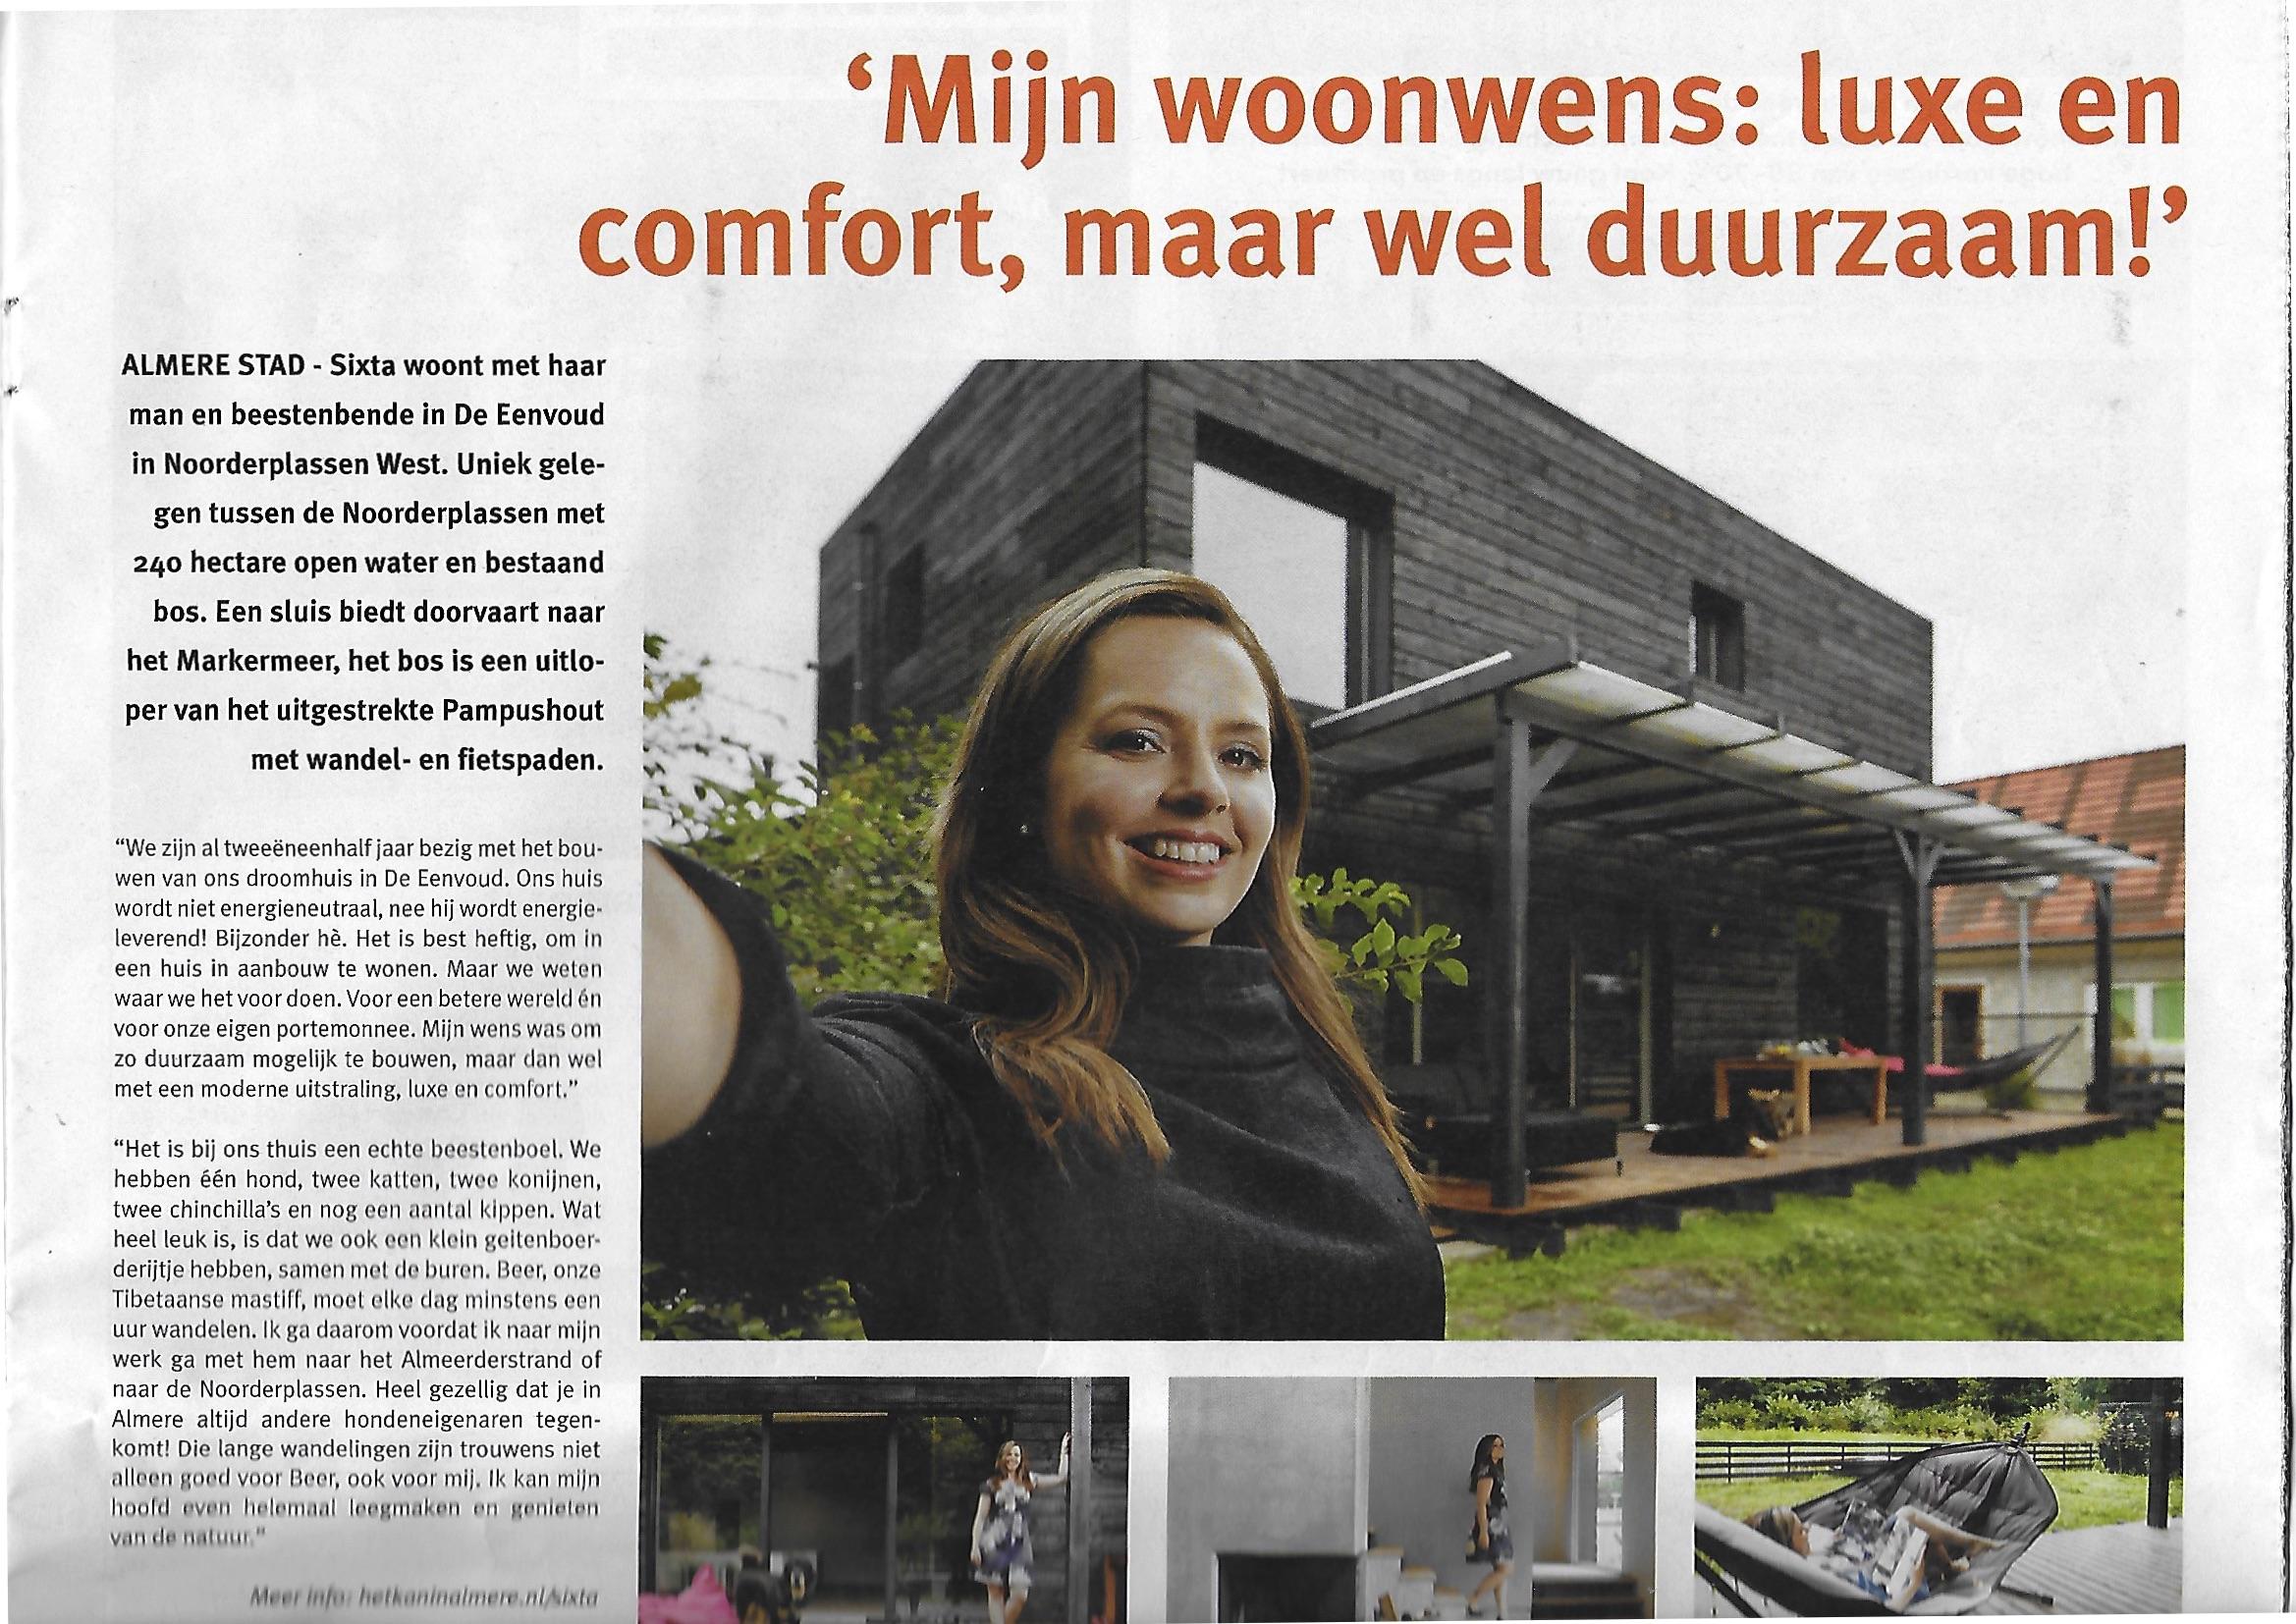 Mijn woonwens: luxe en comfort, maar wel duurzaam!